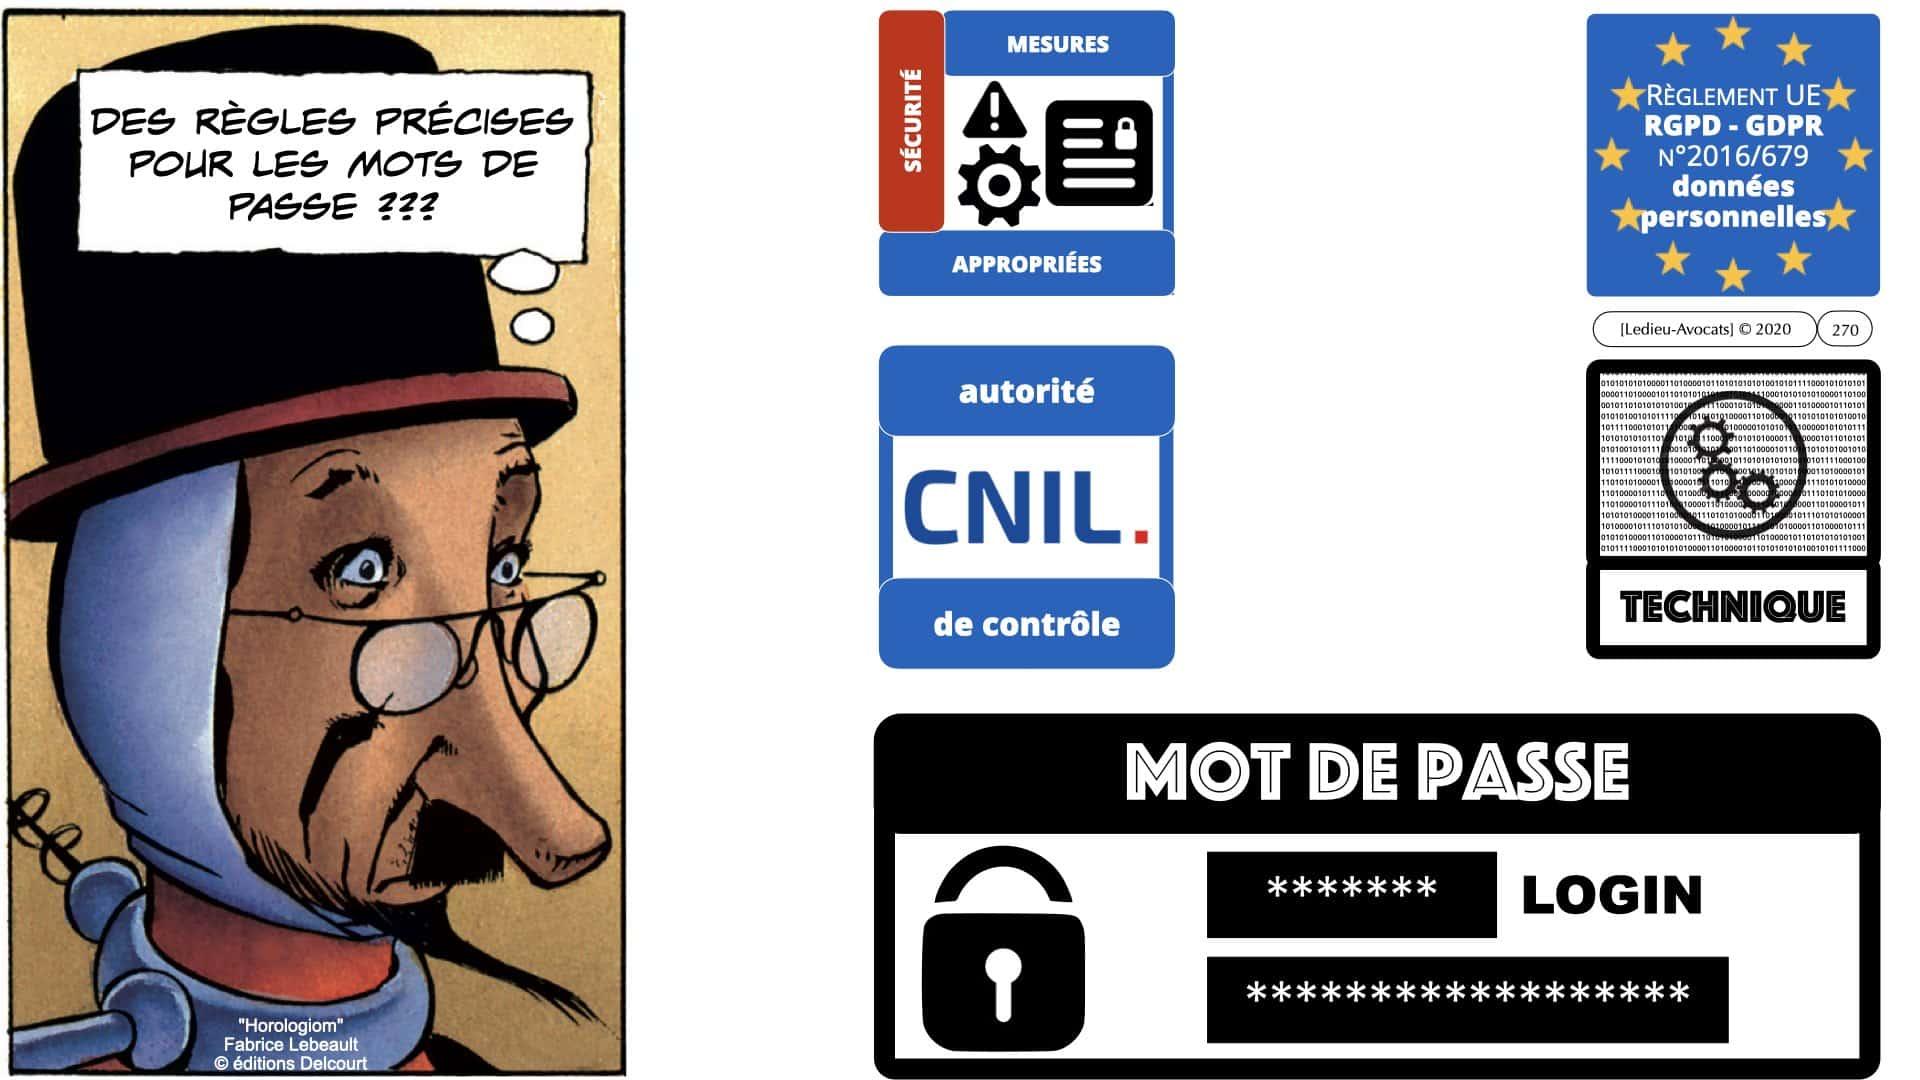 RGPD e-Privacy données personnelles jurisprudence formation Lamy Les Echos 10-02-2021 ©Ledieu-Avocats.270